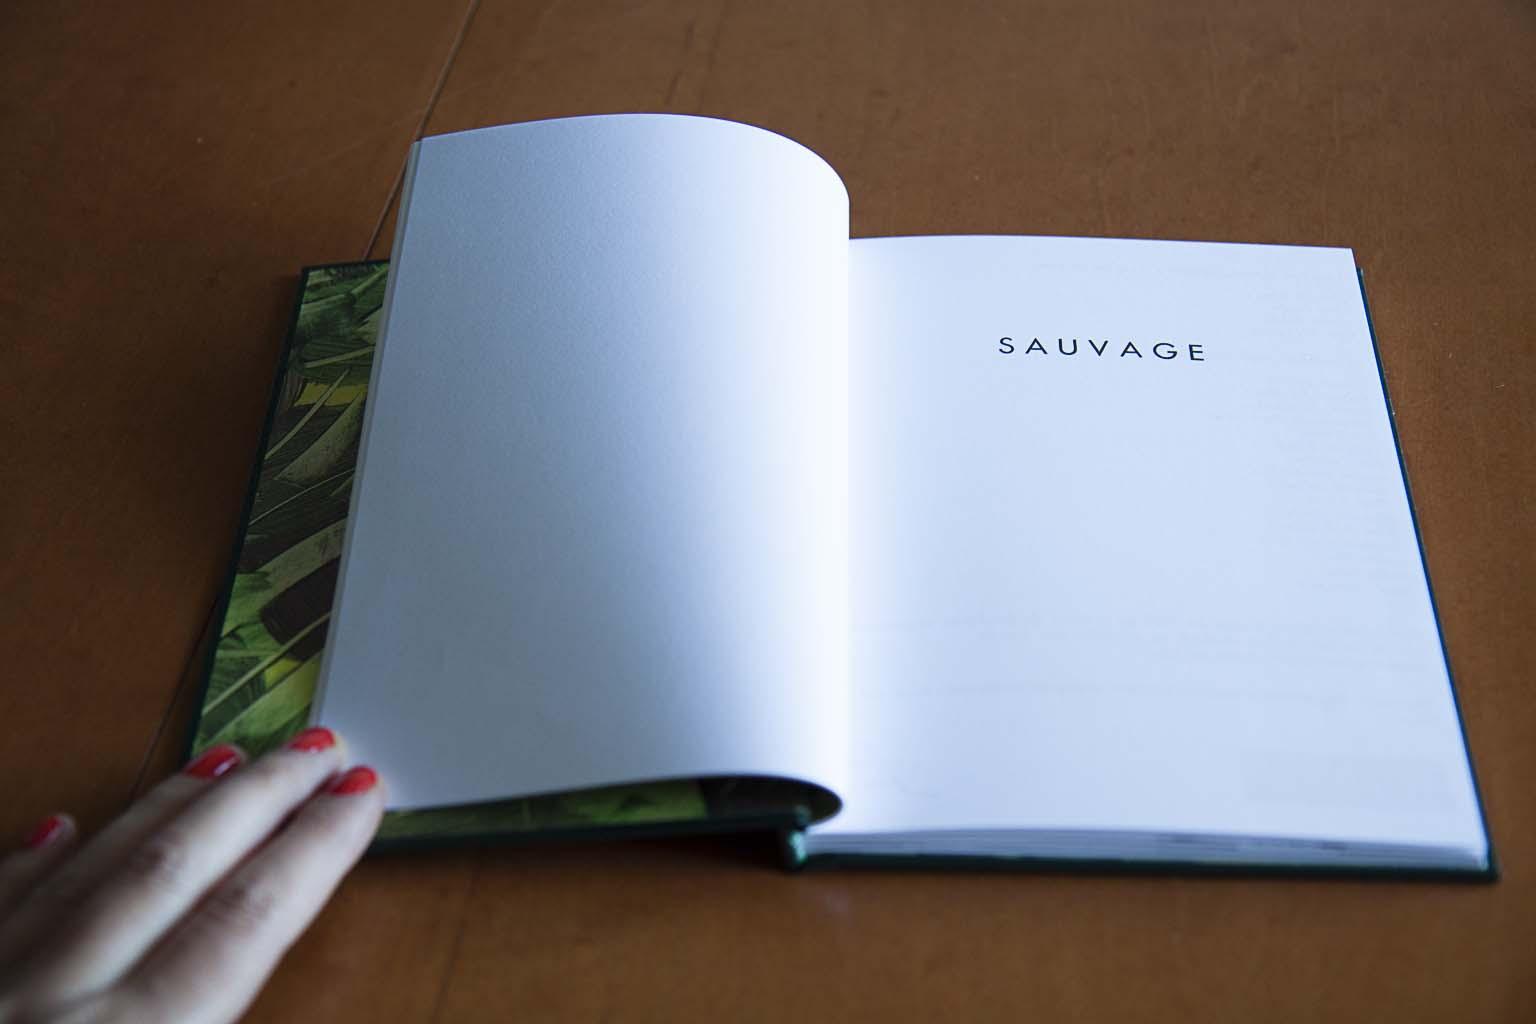 Sauvage. Fotolibro colectivo r  ealizado el 20 de marzo de 2014 en el taller de fotolibros organizado por el Photobookclub Madrid en colaboración con la Imprenta Municipal - Artes del Libro.